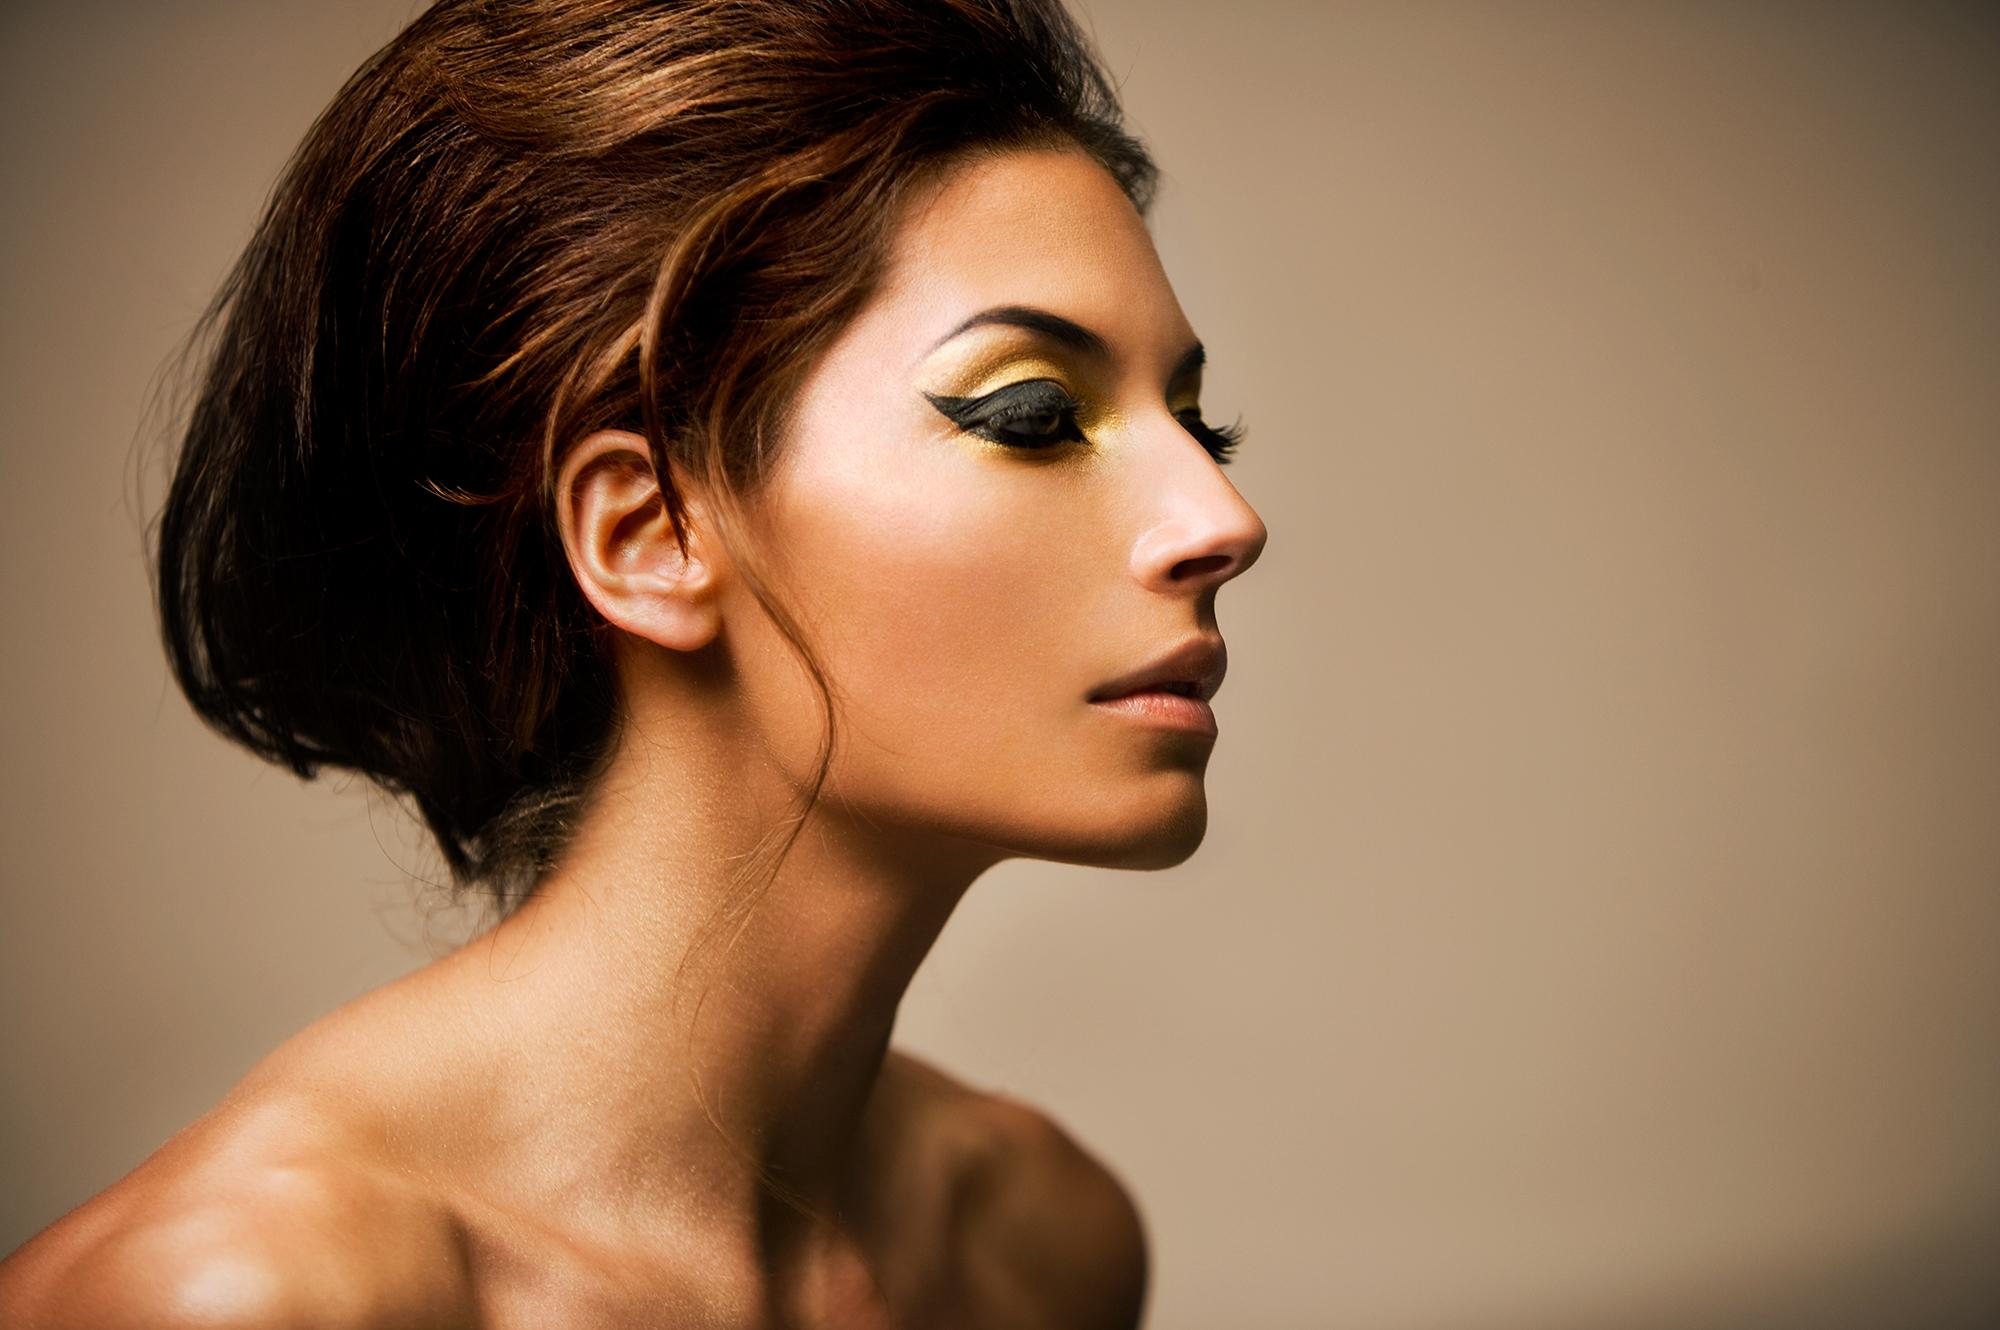 Radstone_Beauty_Nichole Muirbrook-00510